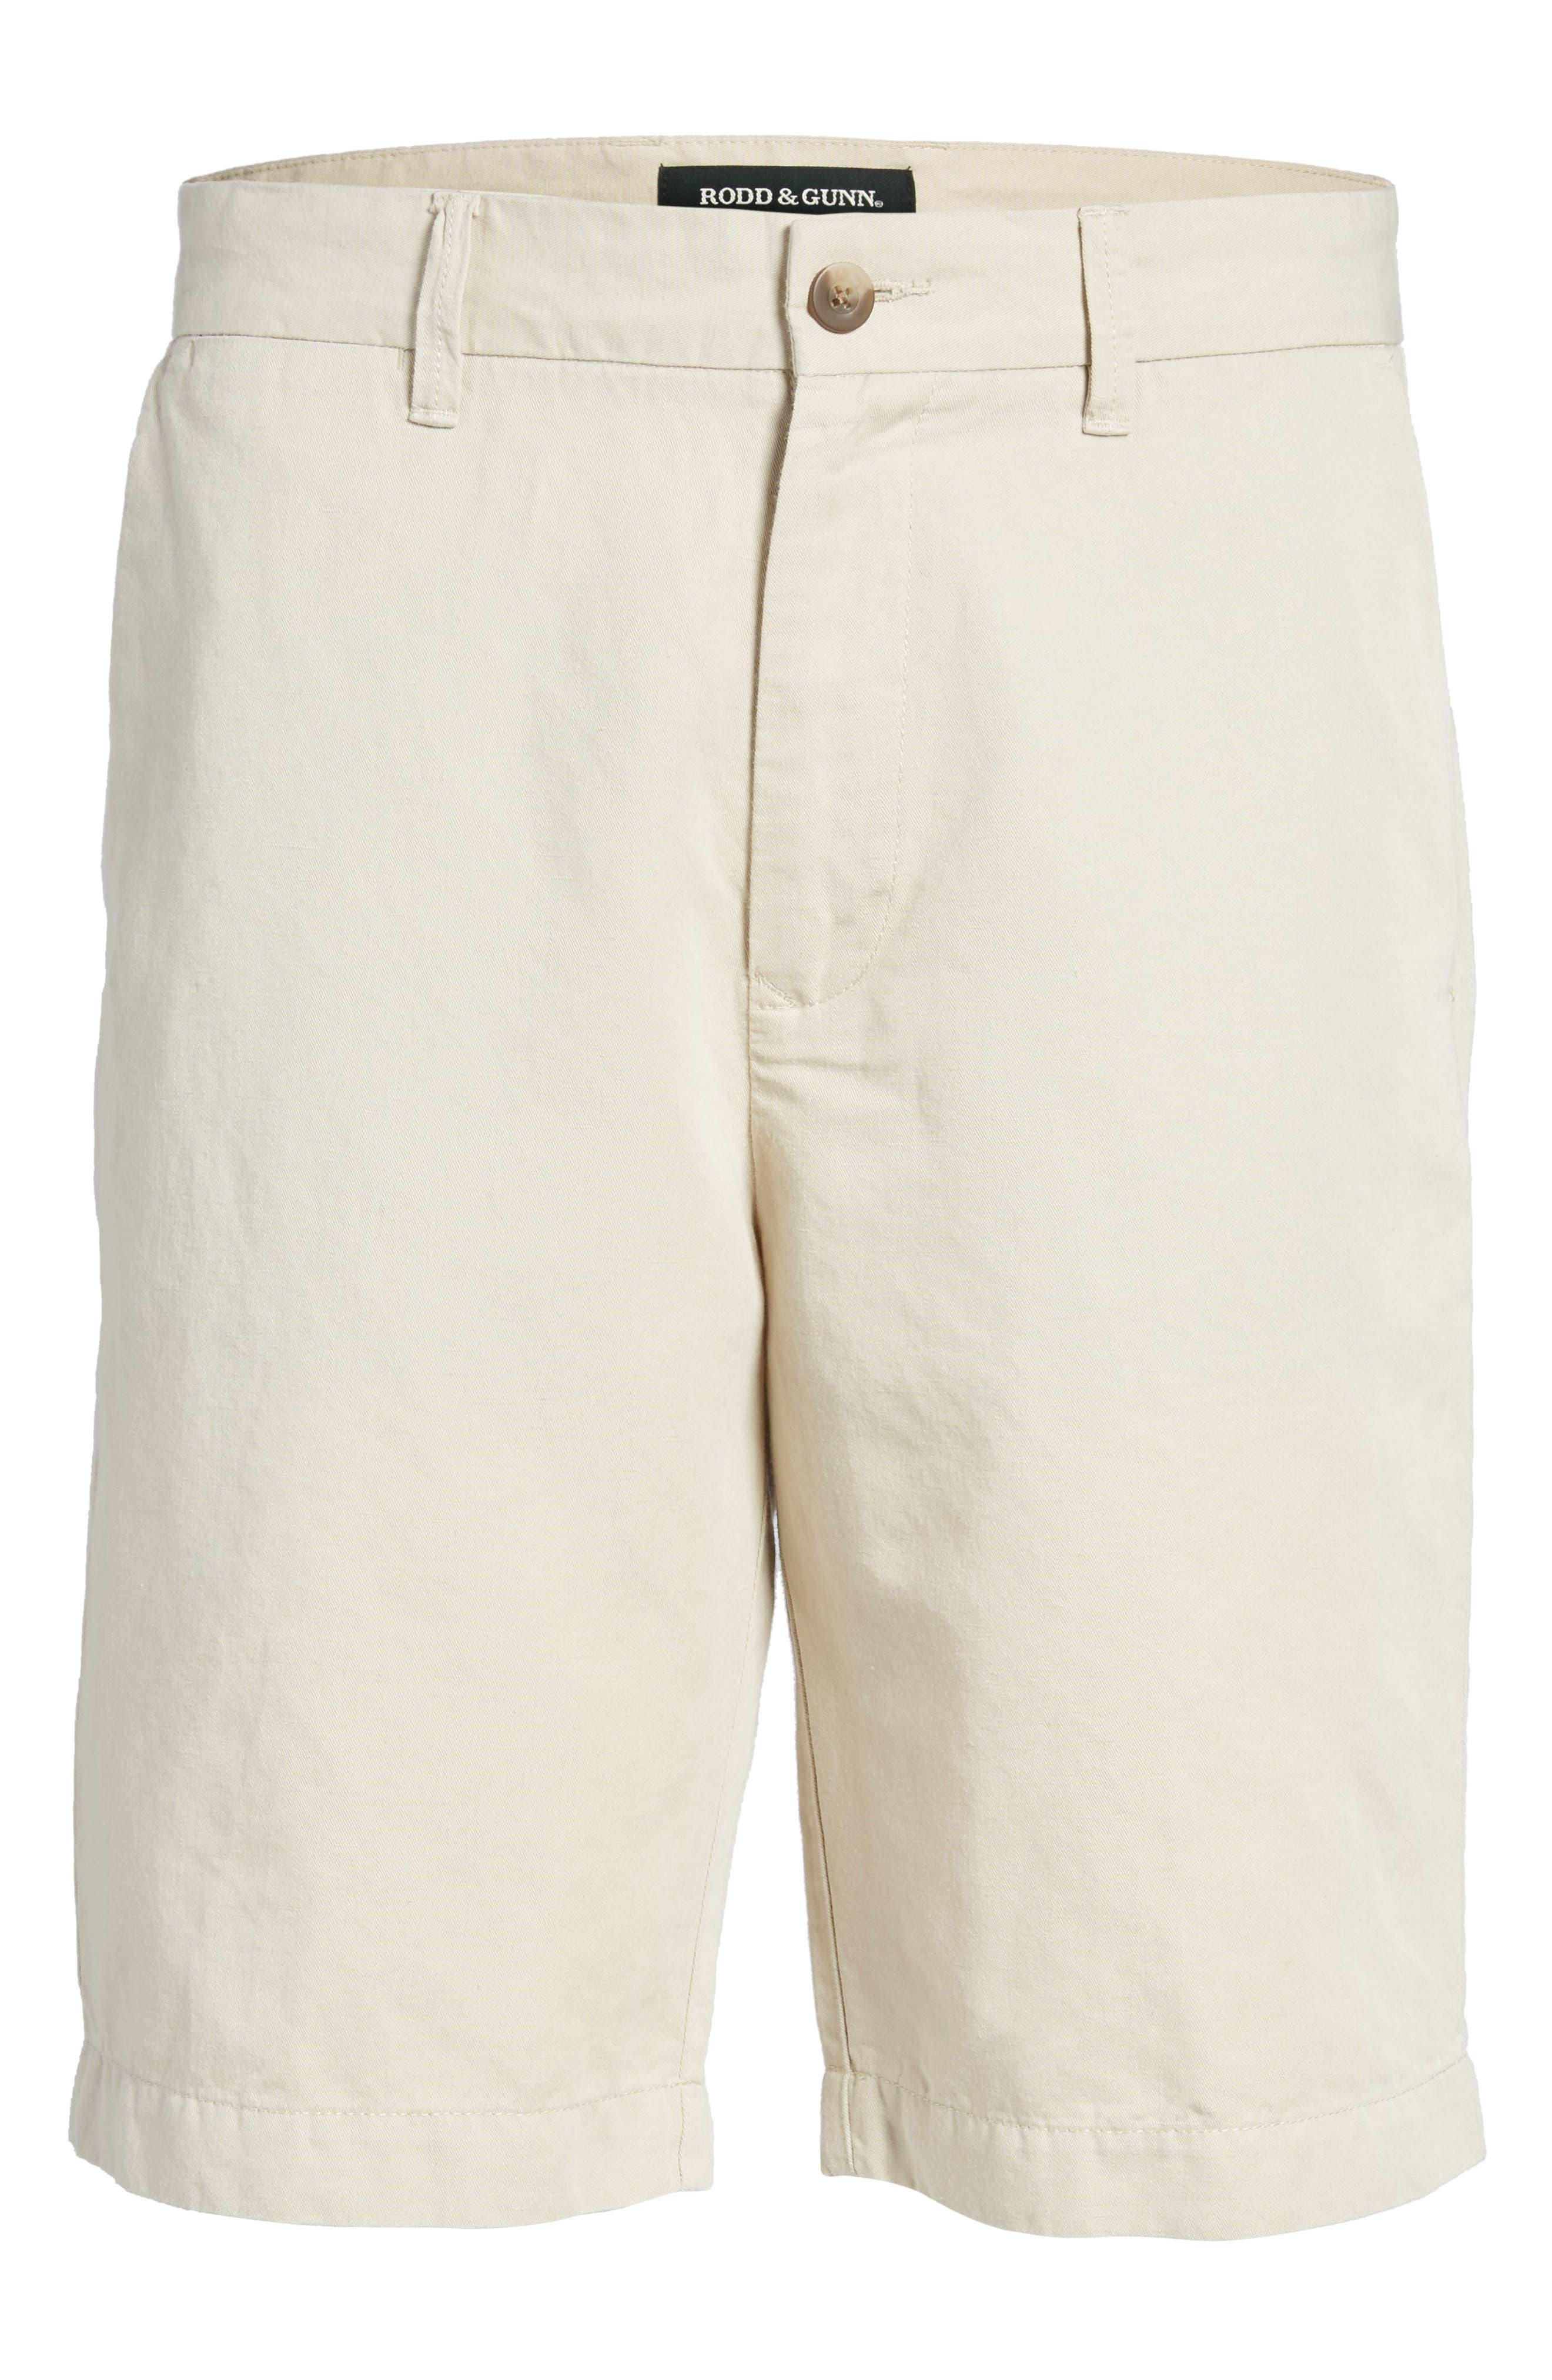 Rolleston Shorts,                             Alternate thumbnail 6, color,                             253